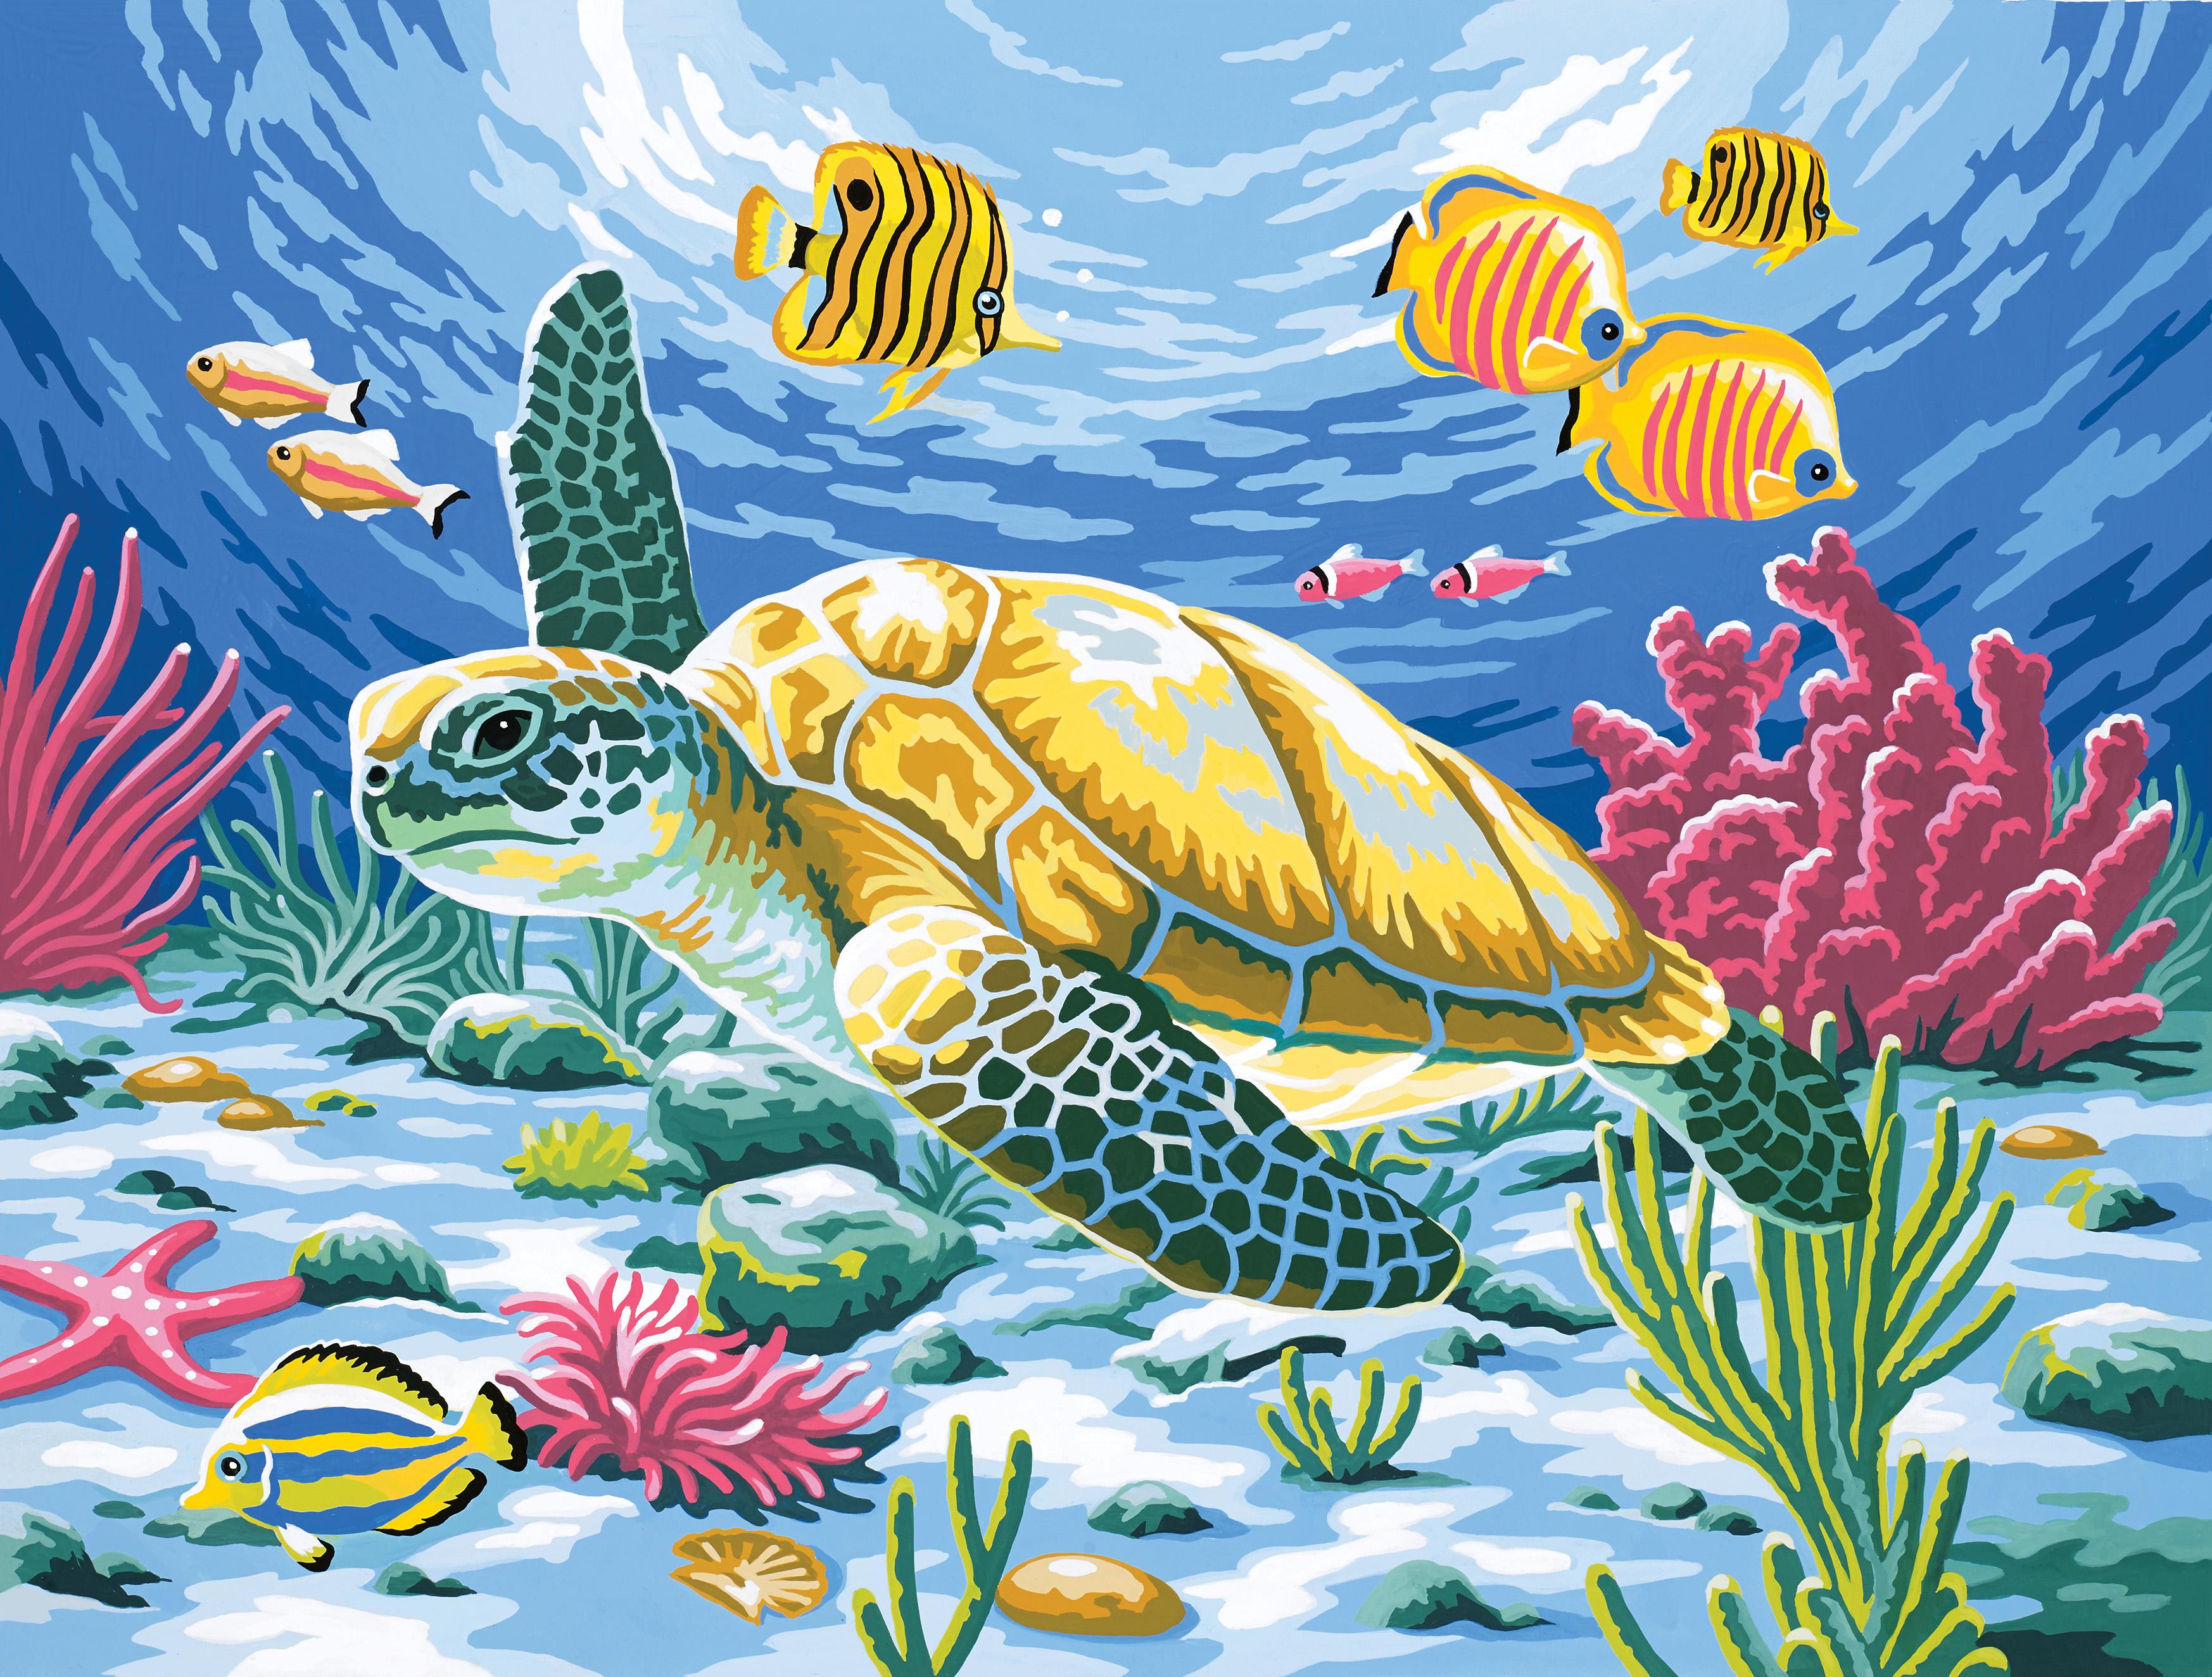 Reeves Malen nach Zahlen Meeresschildkröte | Eventshop A-Z